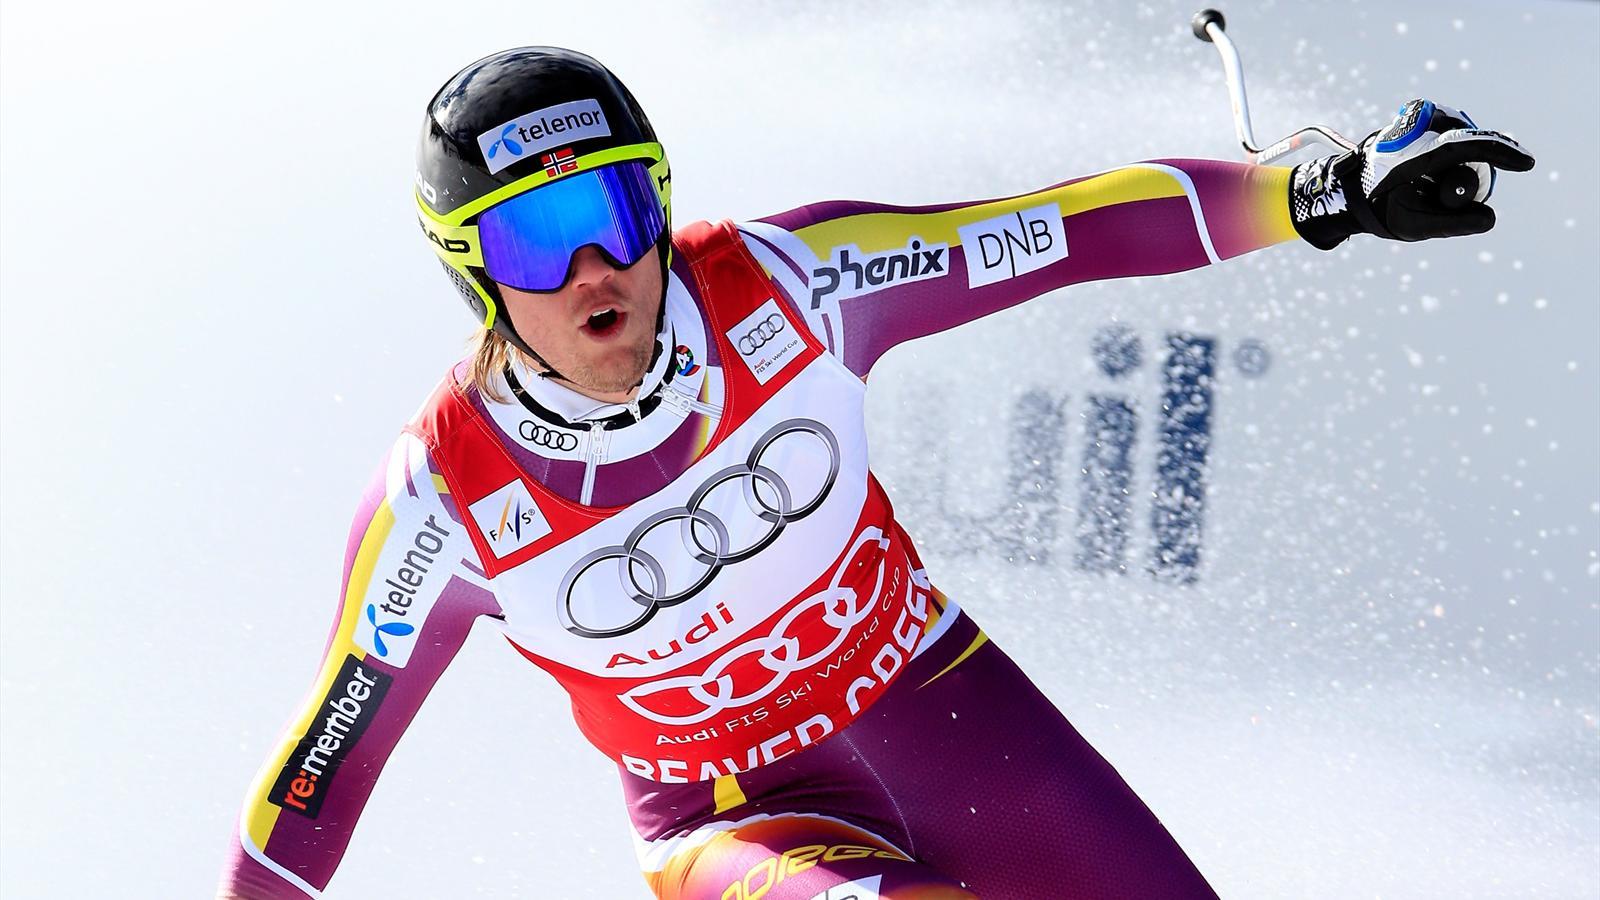 Coupe du monde 2015 kjetil jansrud remporte le super g de - Coupe du monde ski alpin 2015 calendrier ...